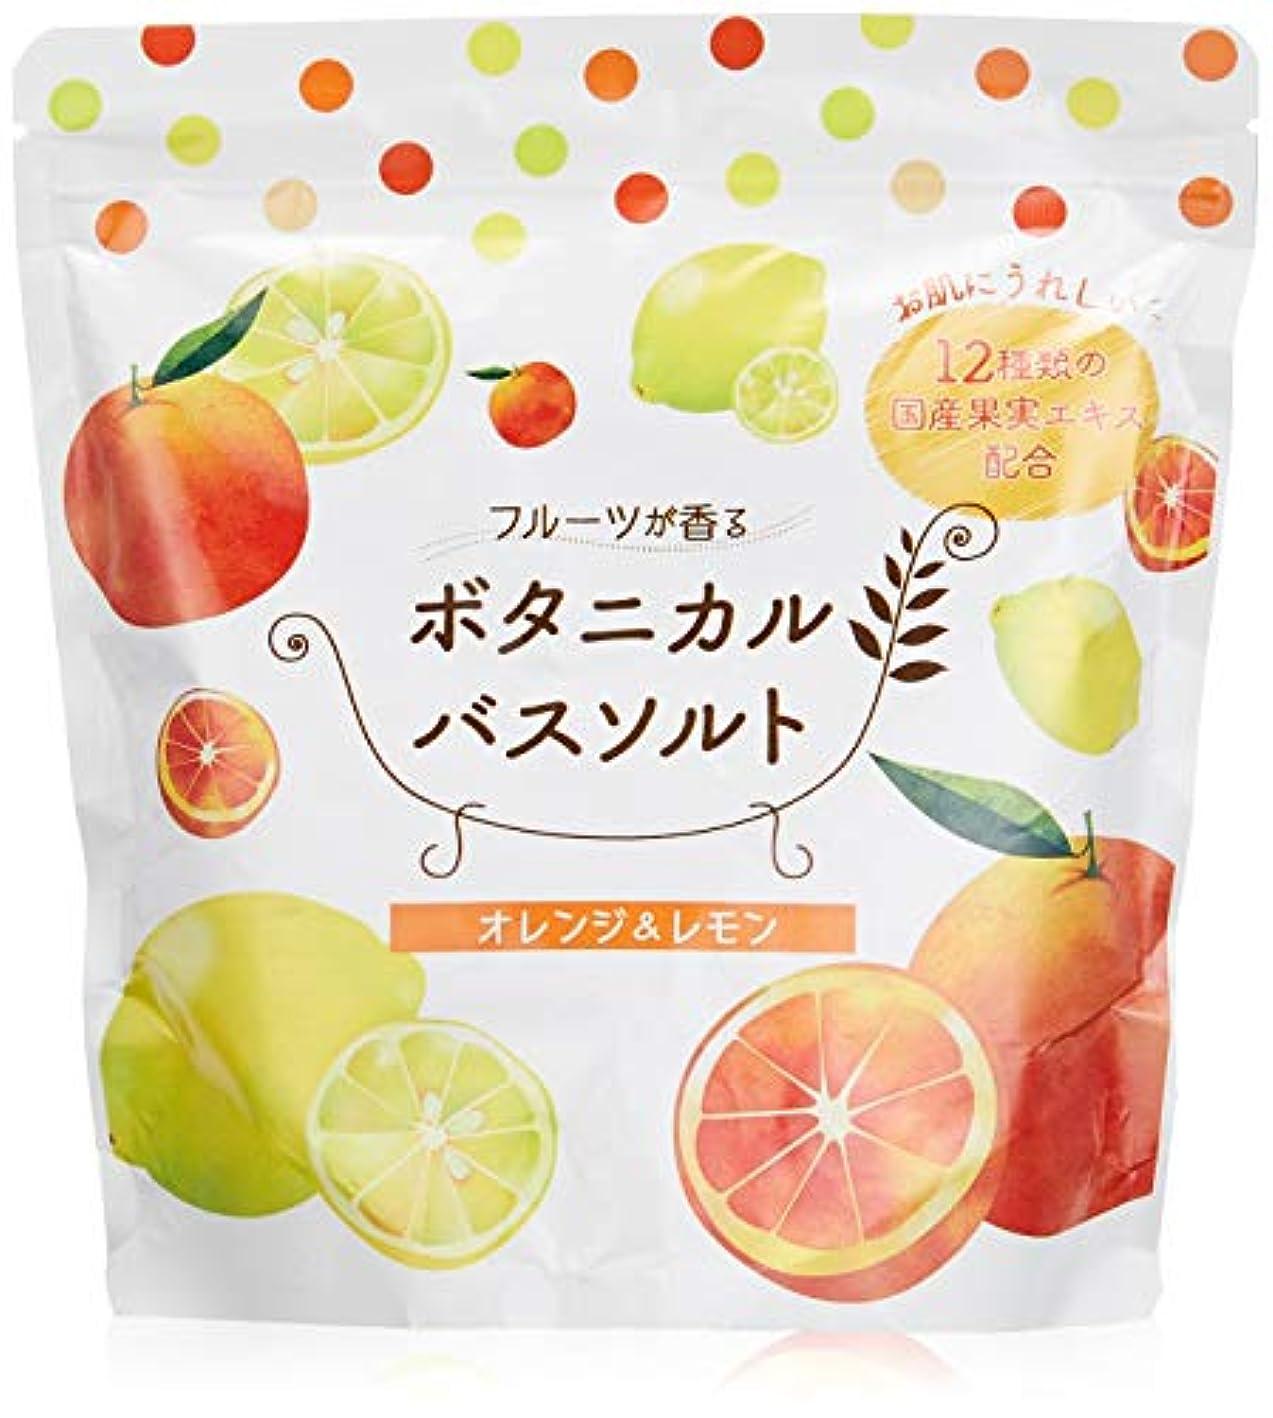 荒野報復するタイヤ松田医薬品 フルーツが香るボタニカルバスソルト オレンジ&レモン 450g